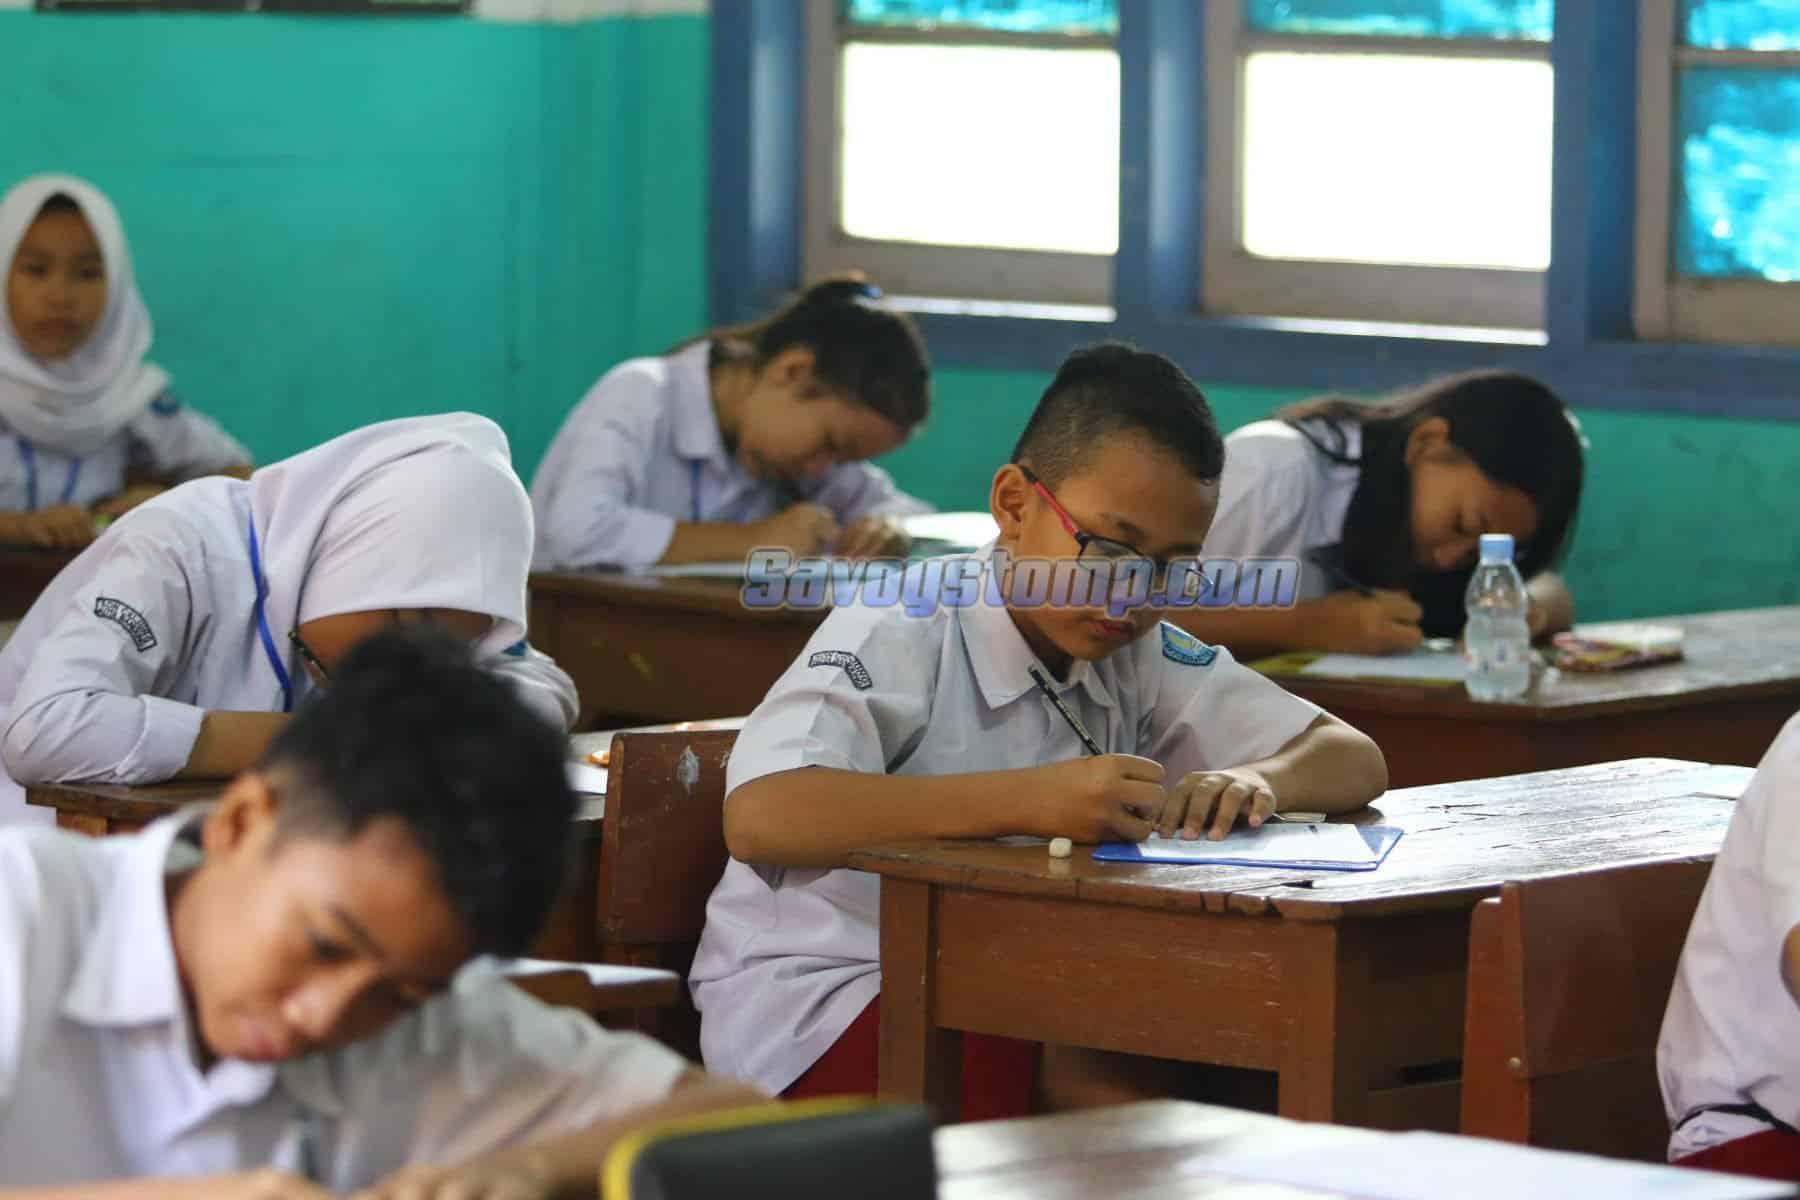 Persiapan-UTS-dengan-Belajar-Soal-UTS-Bahasa-Indonesia-Kelas-6-Semester-1